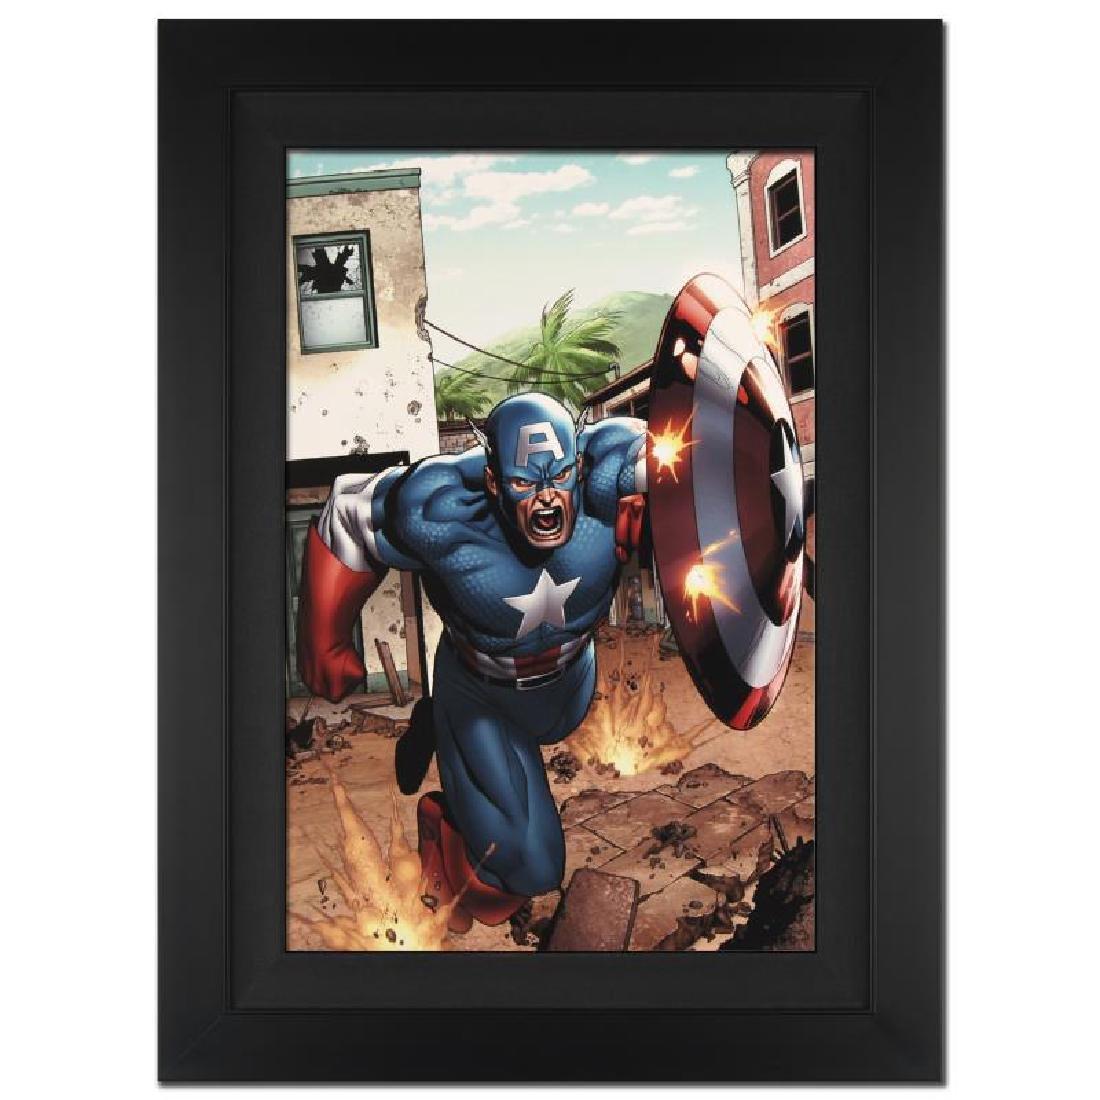 Marvel Adventures: Super Heroes #8 by Stan Lee - Marvel